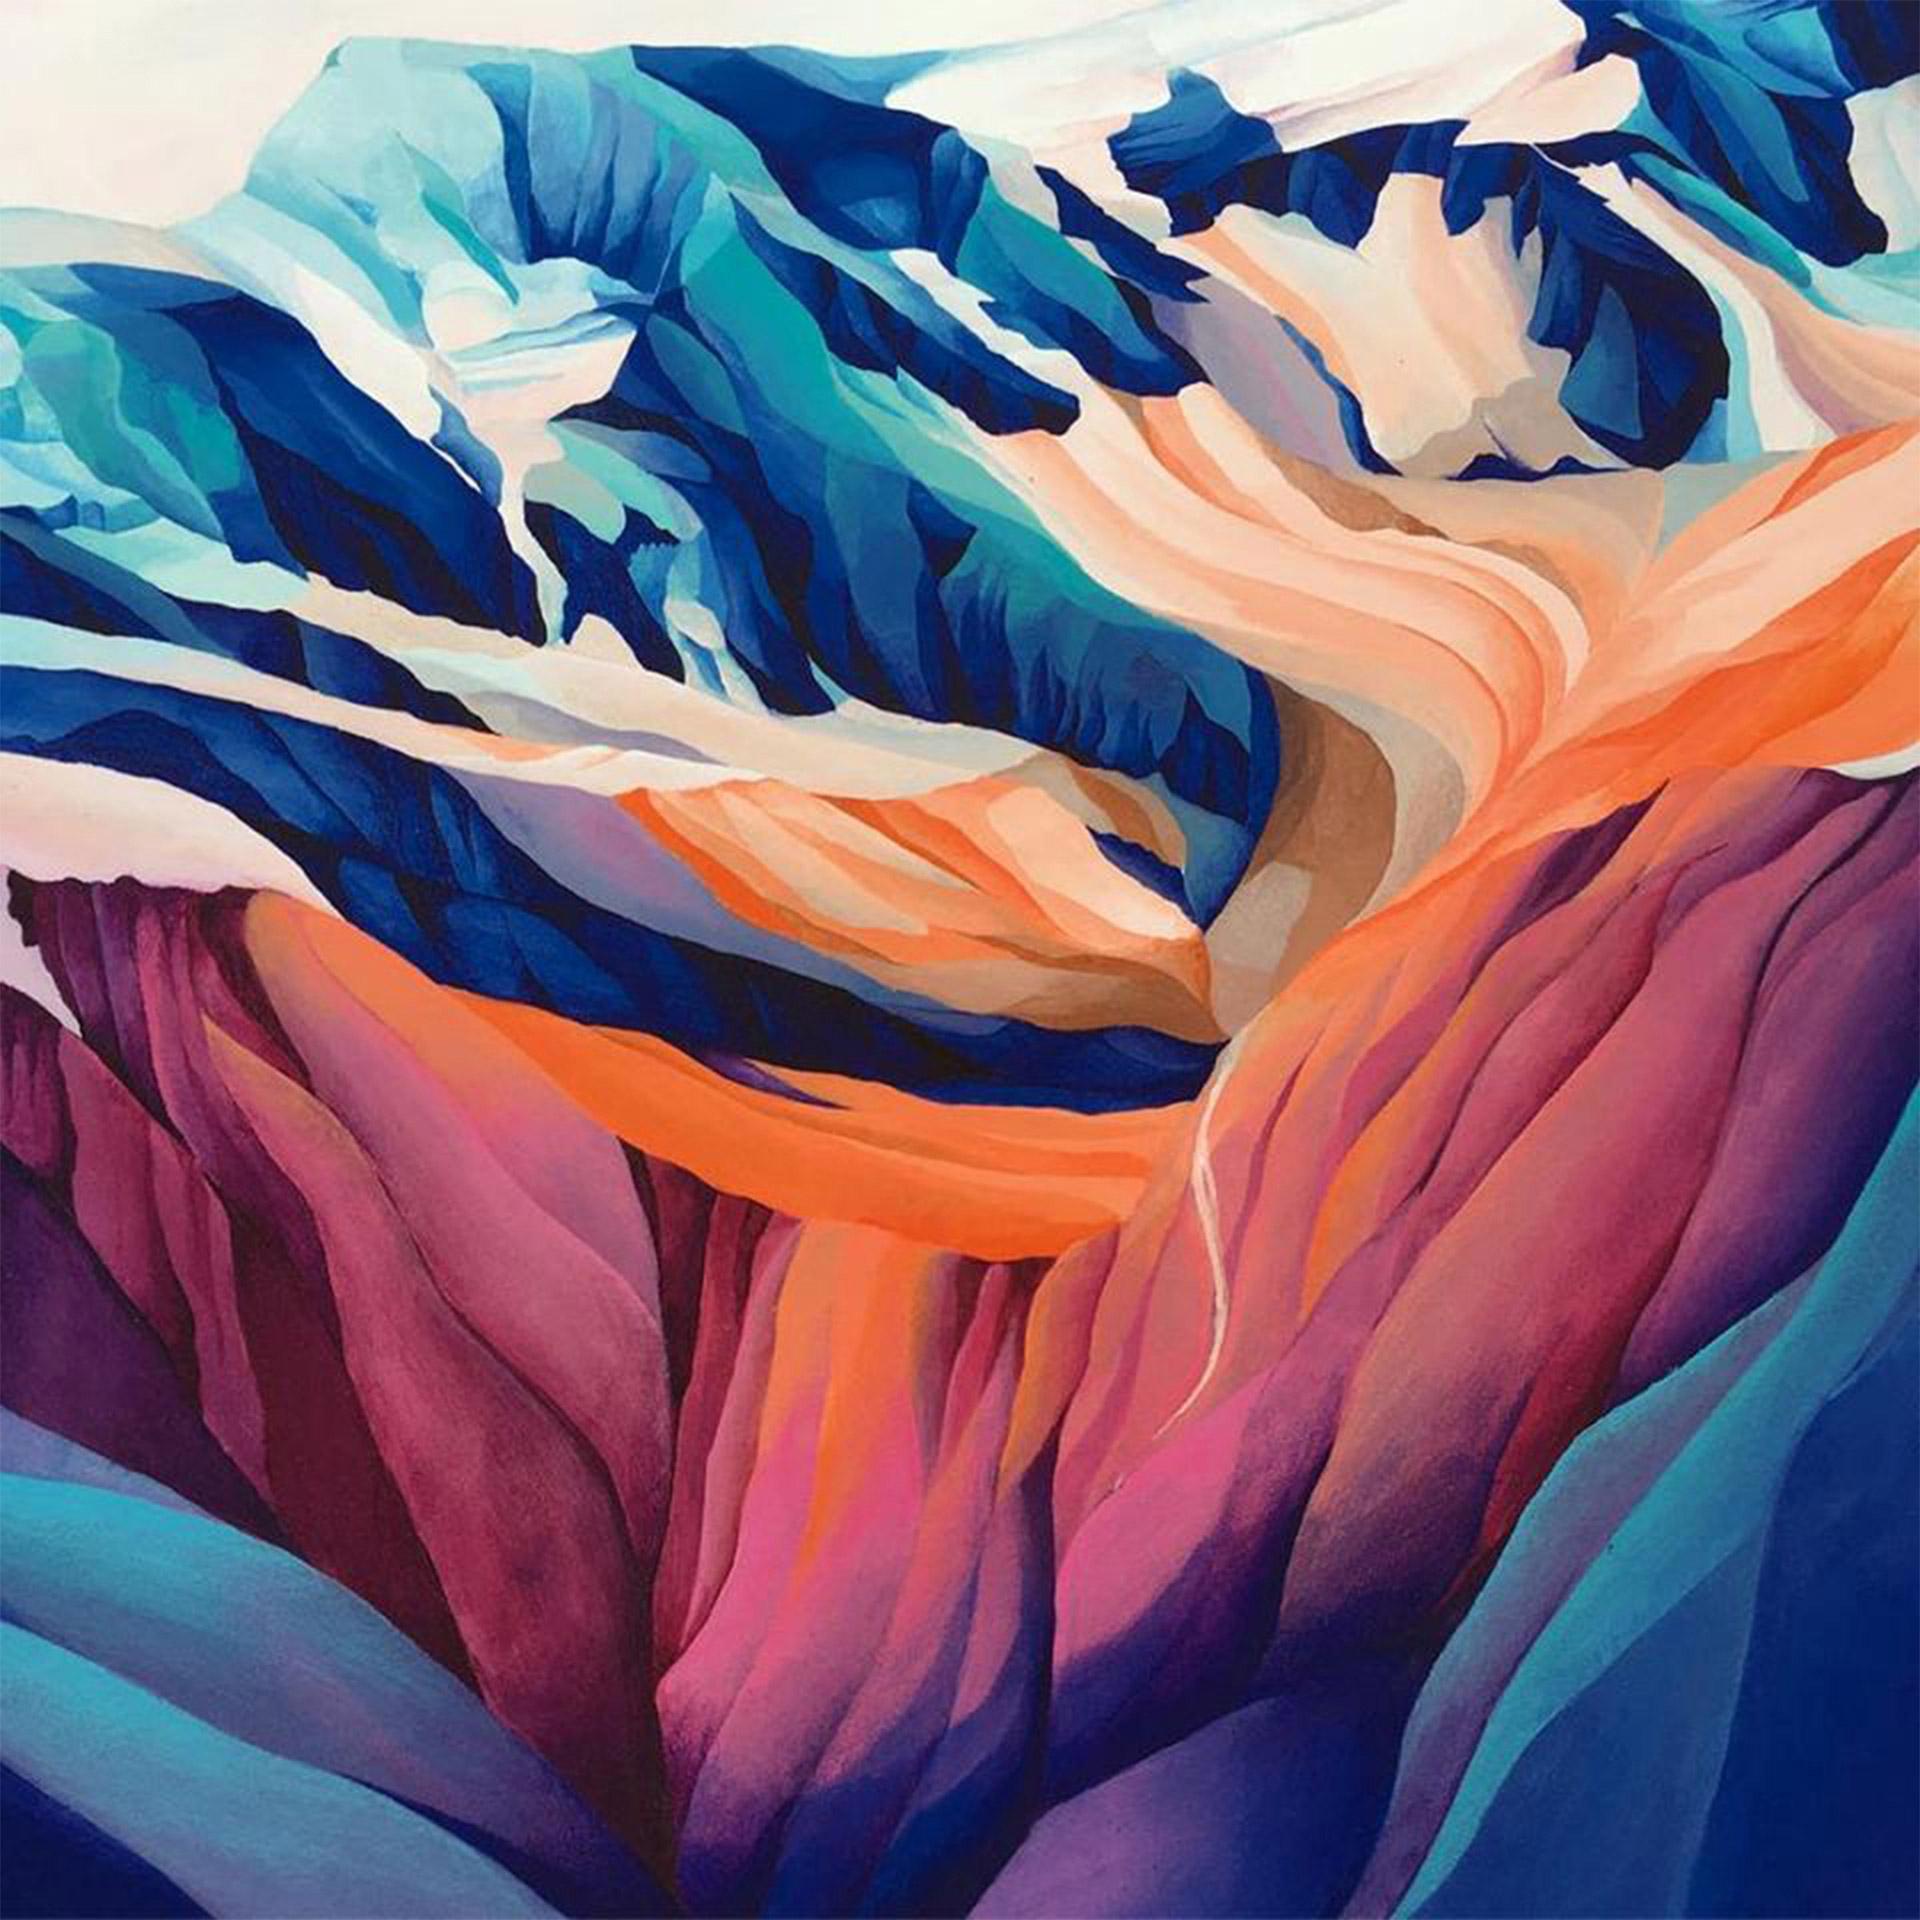 Iuna Tinta - Lauterbrunnen Valley - Acrylic on Canvas